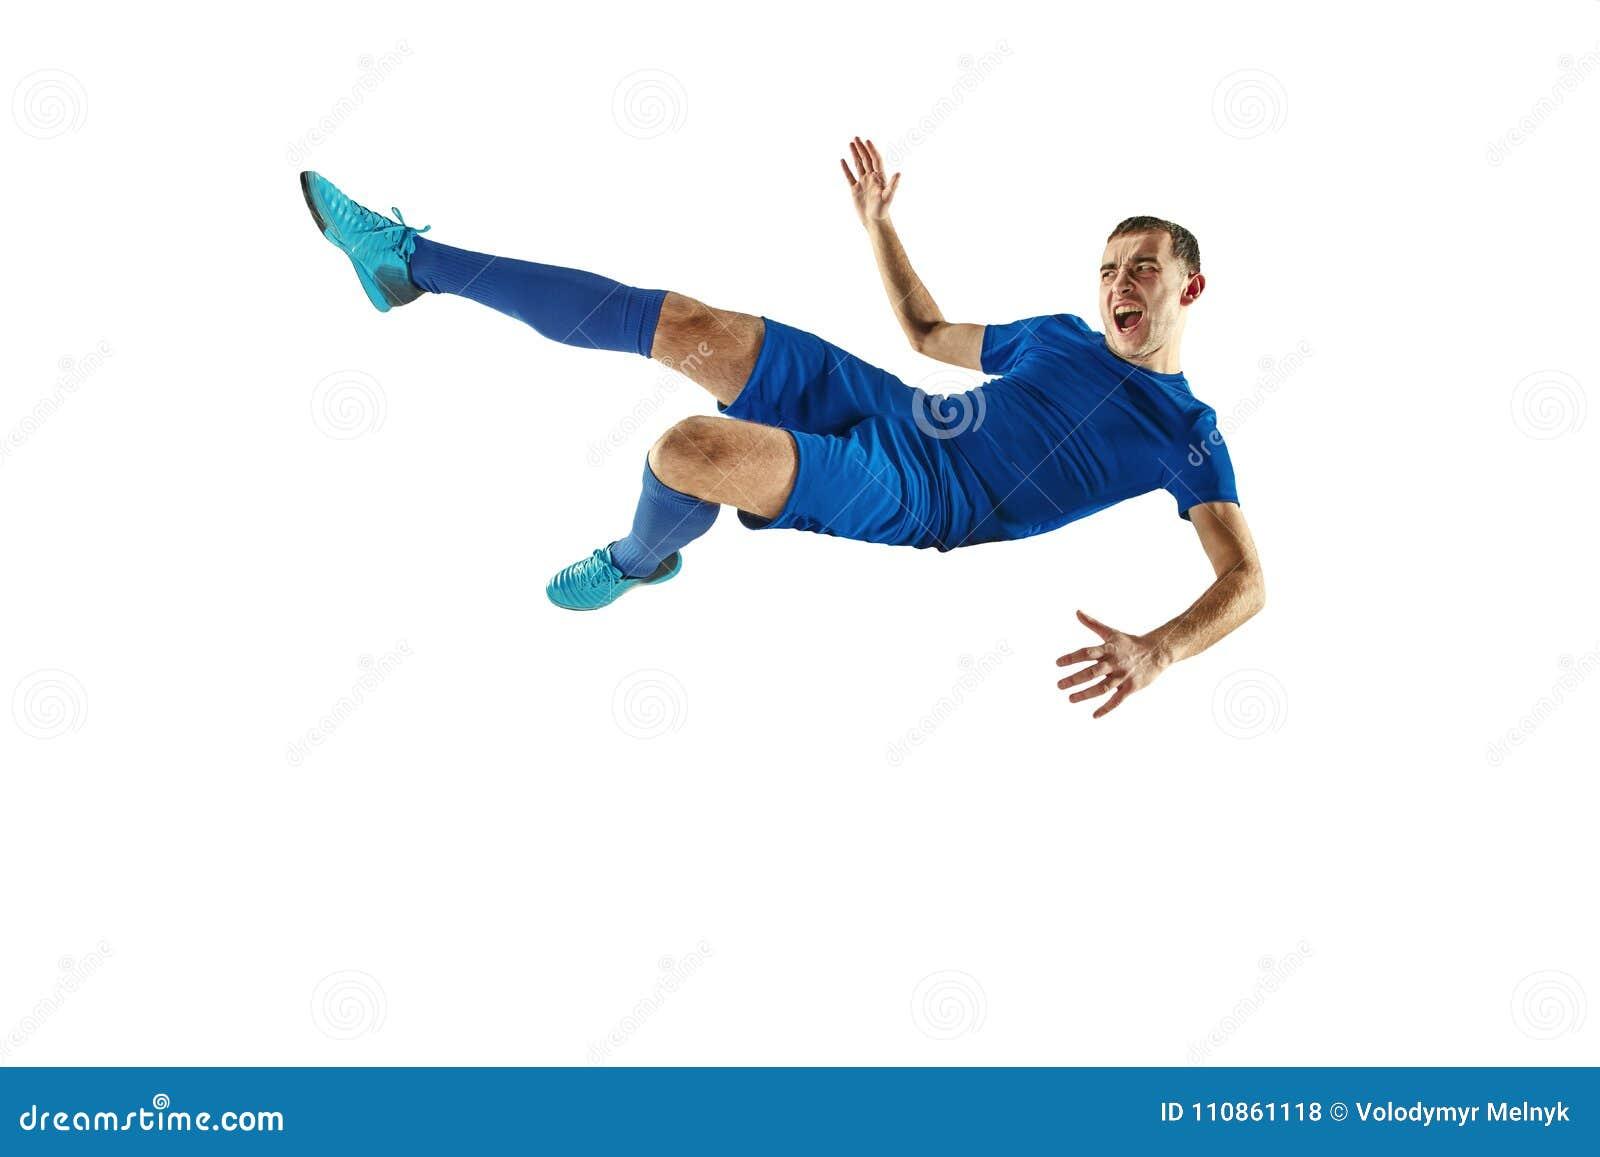 För fotbollspelare för yrkesmässig fotboll isolerad vit bakgrund